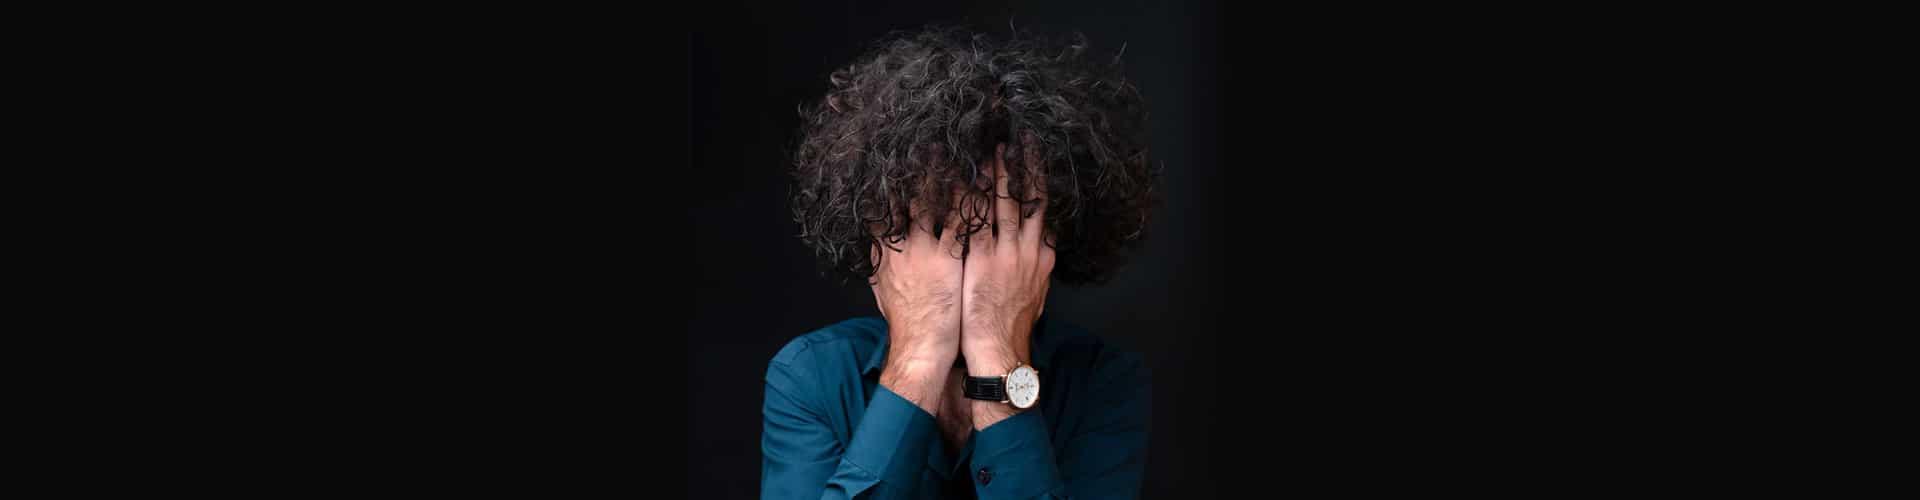 Tratamientos contra el malestar emocional en Mallorca   Psicología   Clínica Ment